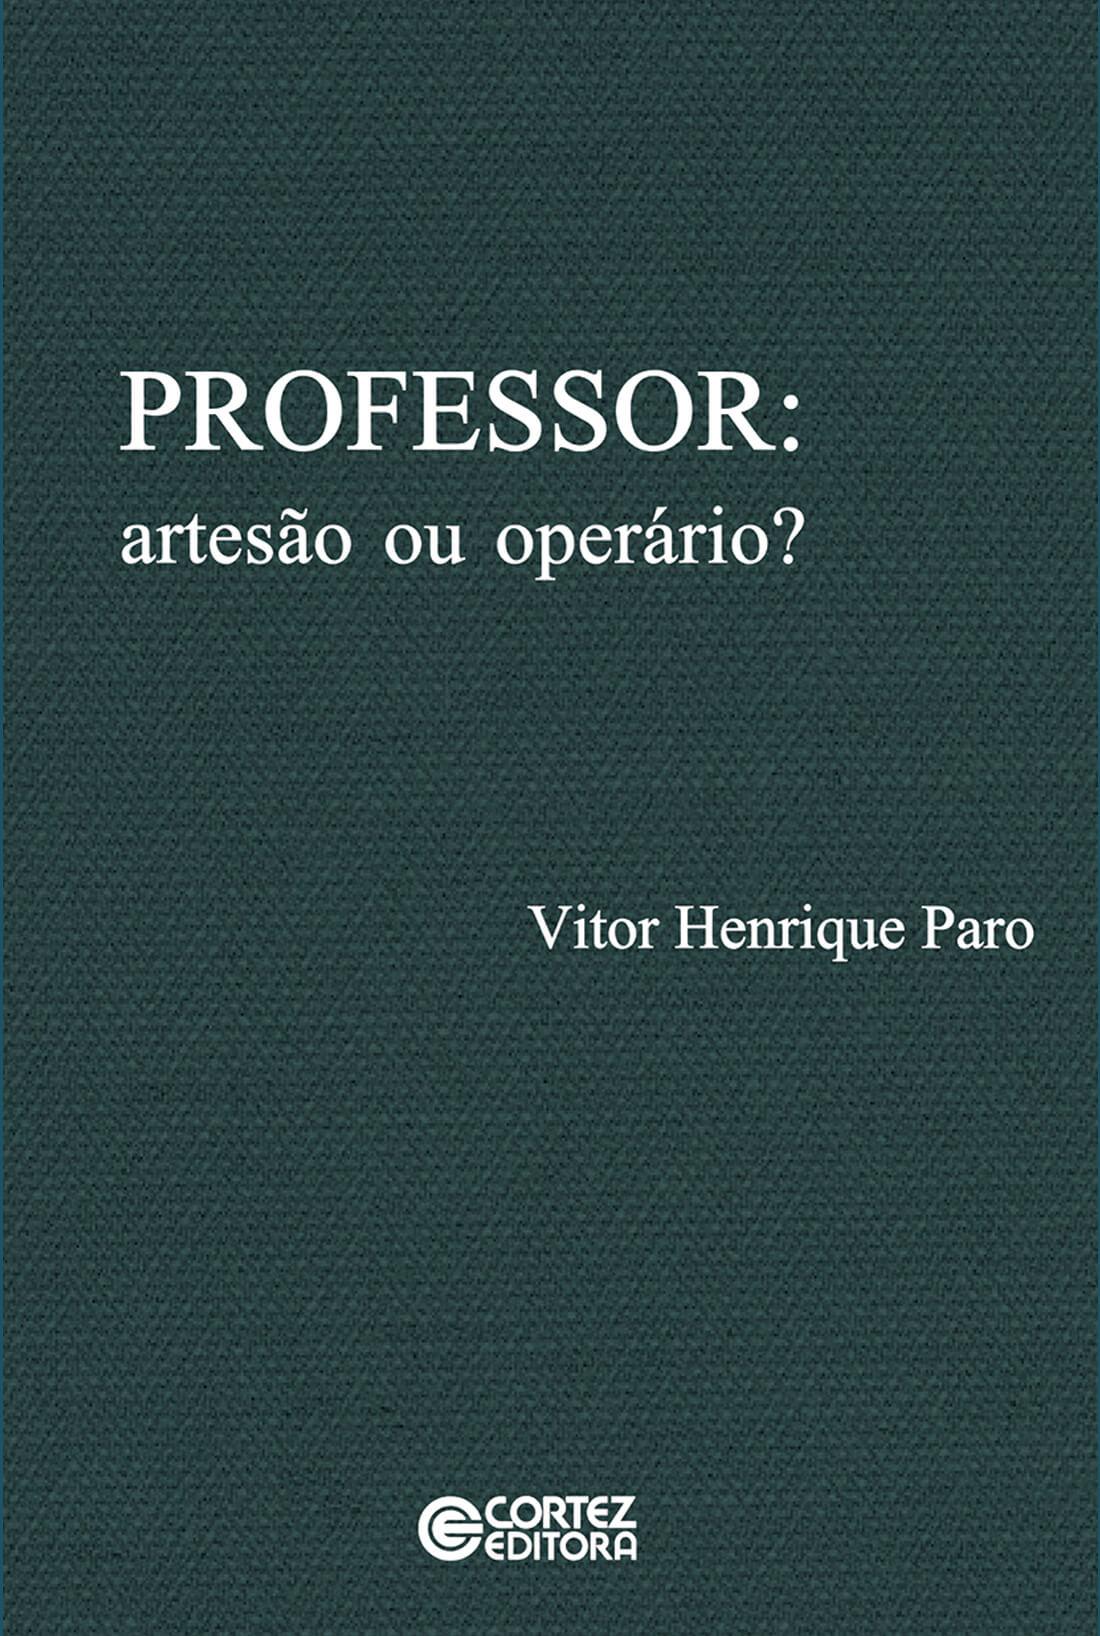 Professor: artesão ou operário?, livro de Vitor Henrique Paro